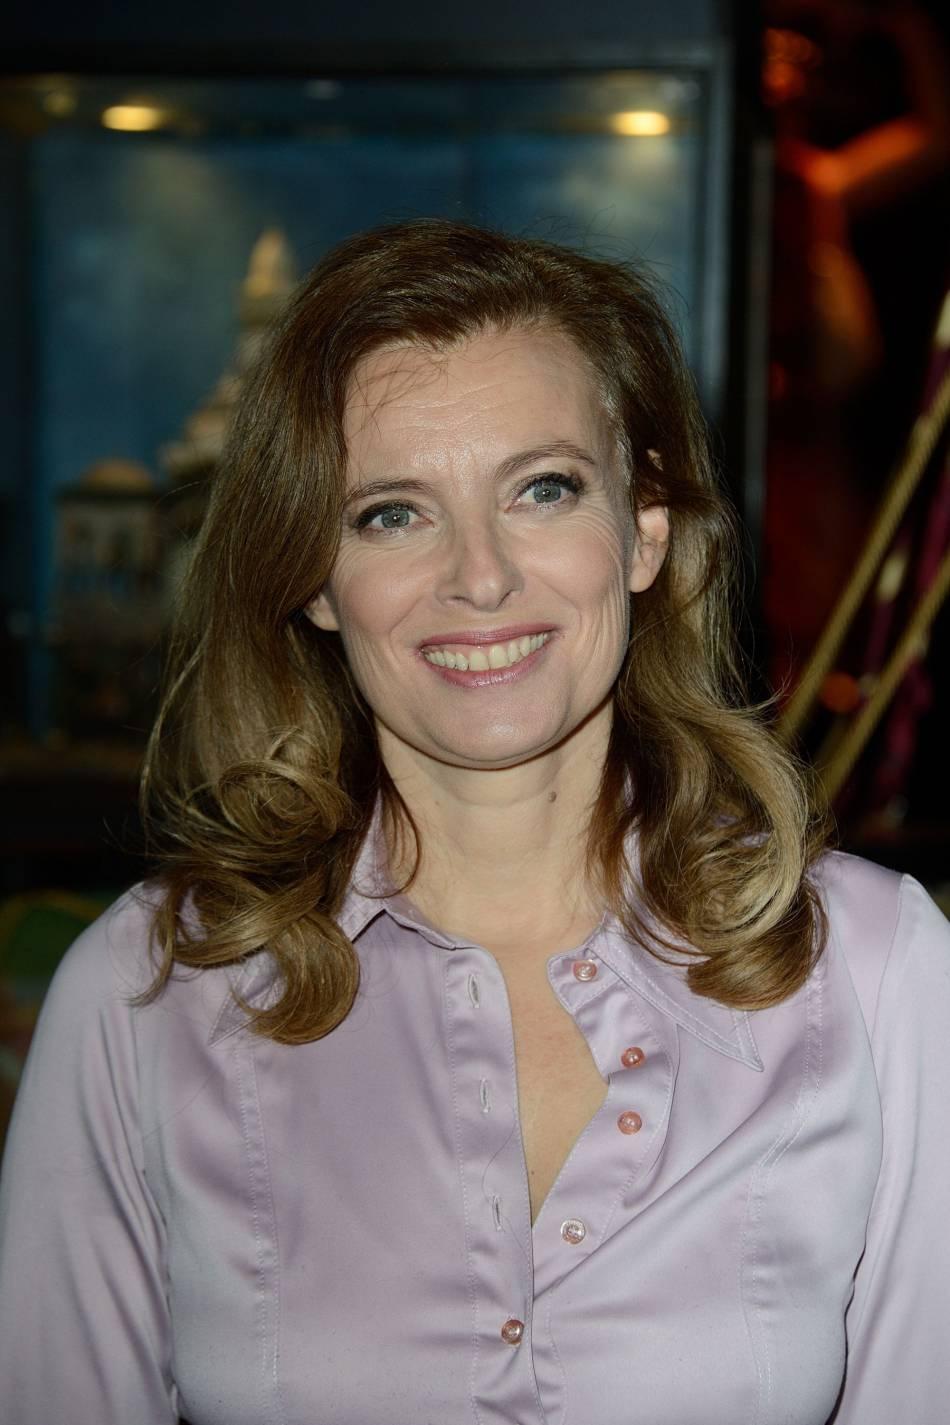 Valérie Trierweiler se confie à  Gala  sur son engagement humanitaire et évoque sa rupture avec François Hollande.